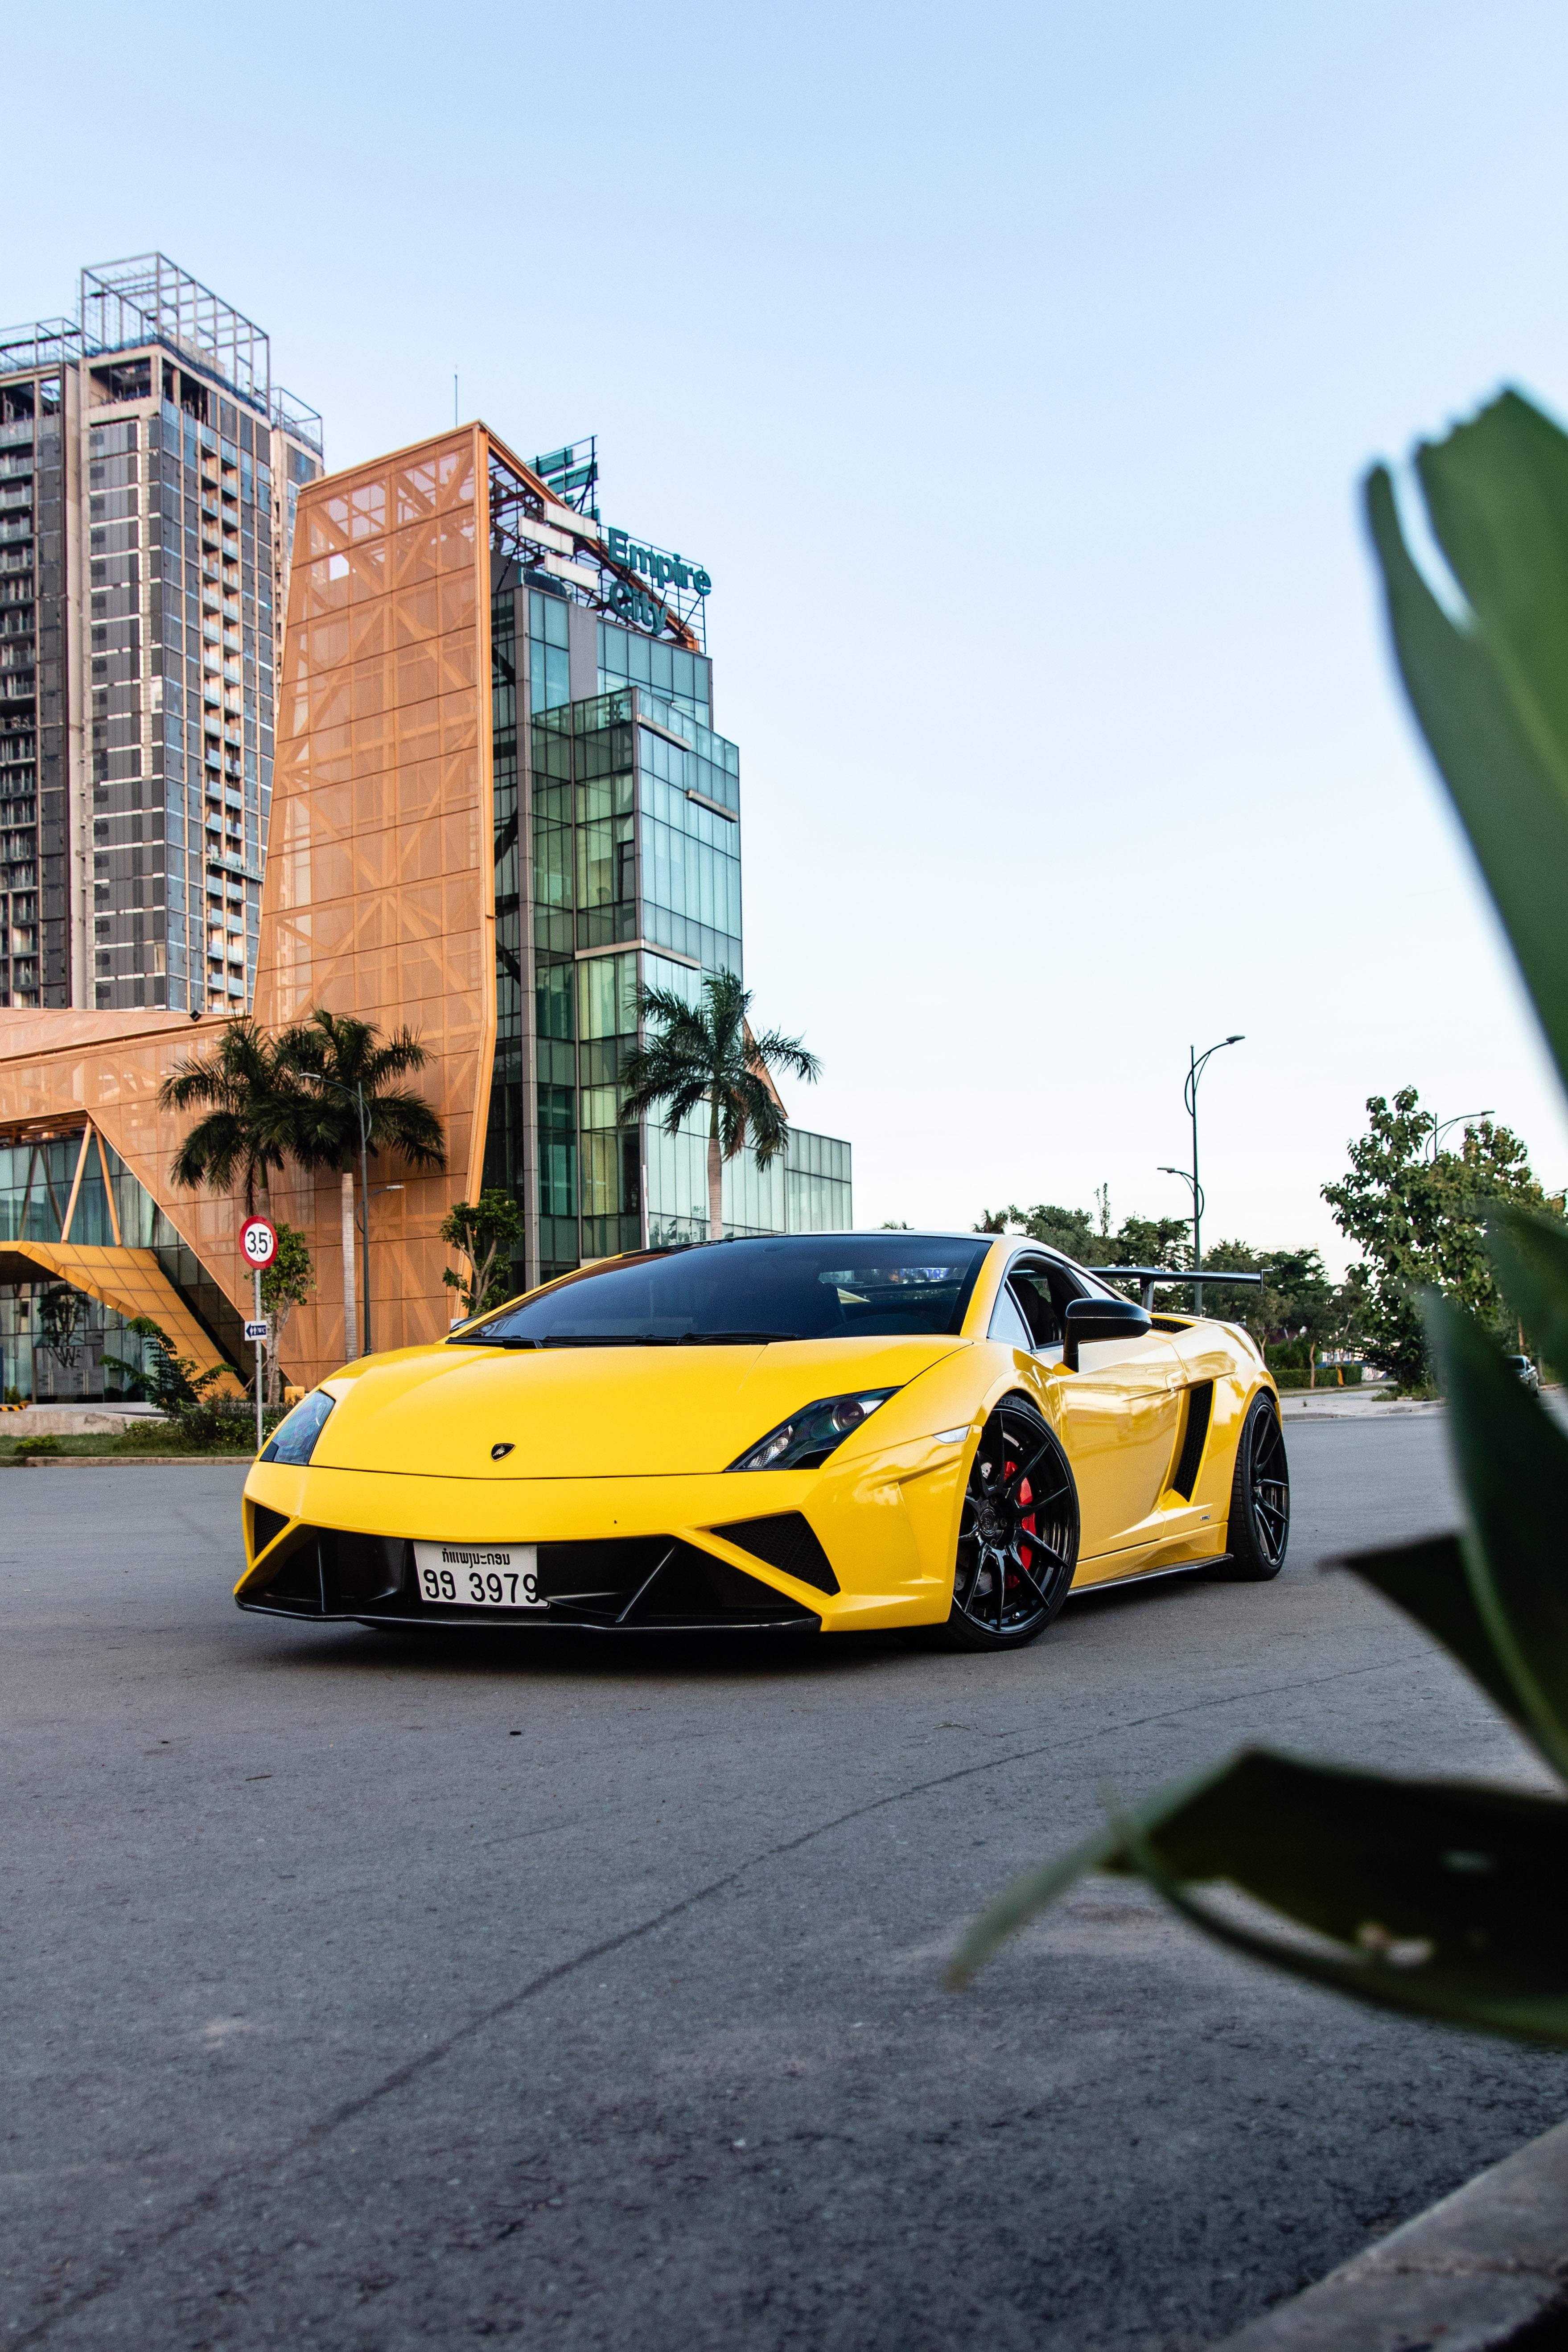 Lamborghini Gallardo Squadra Corse tai VN anh 10